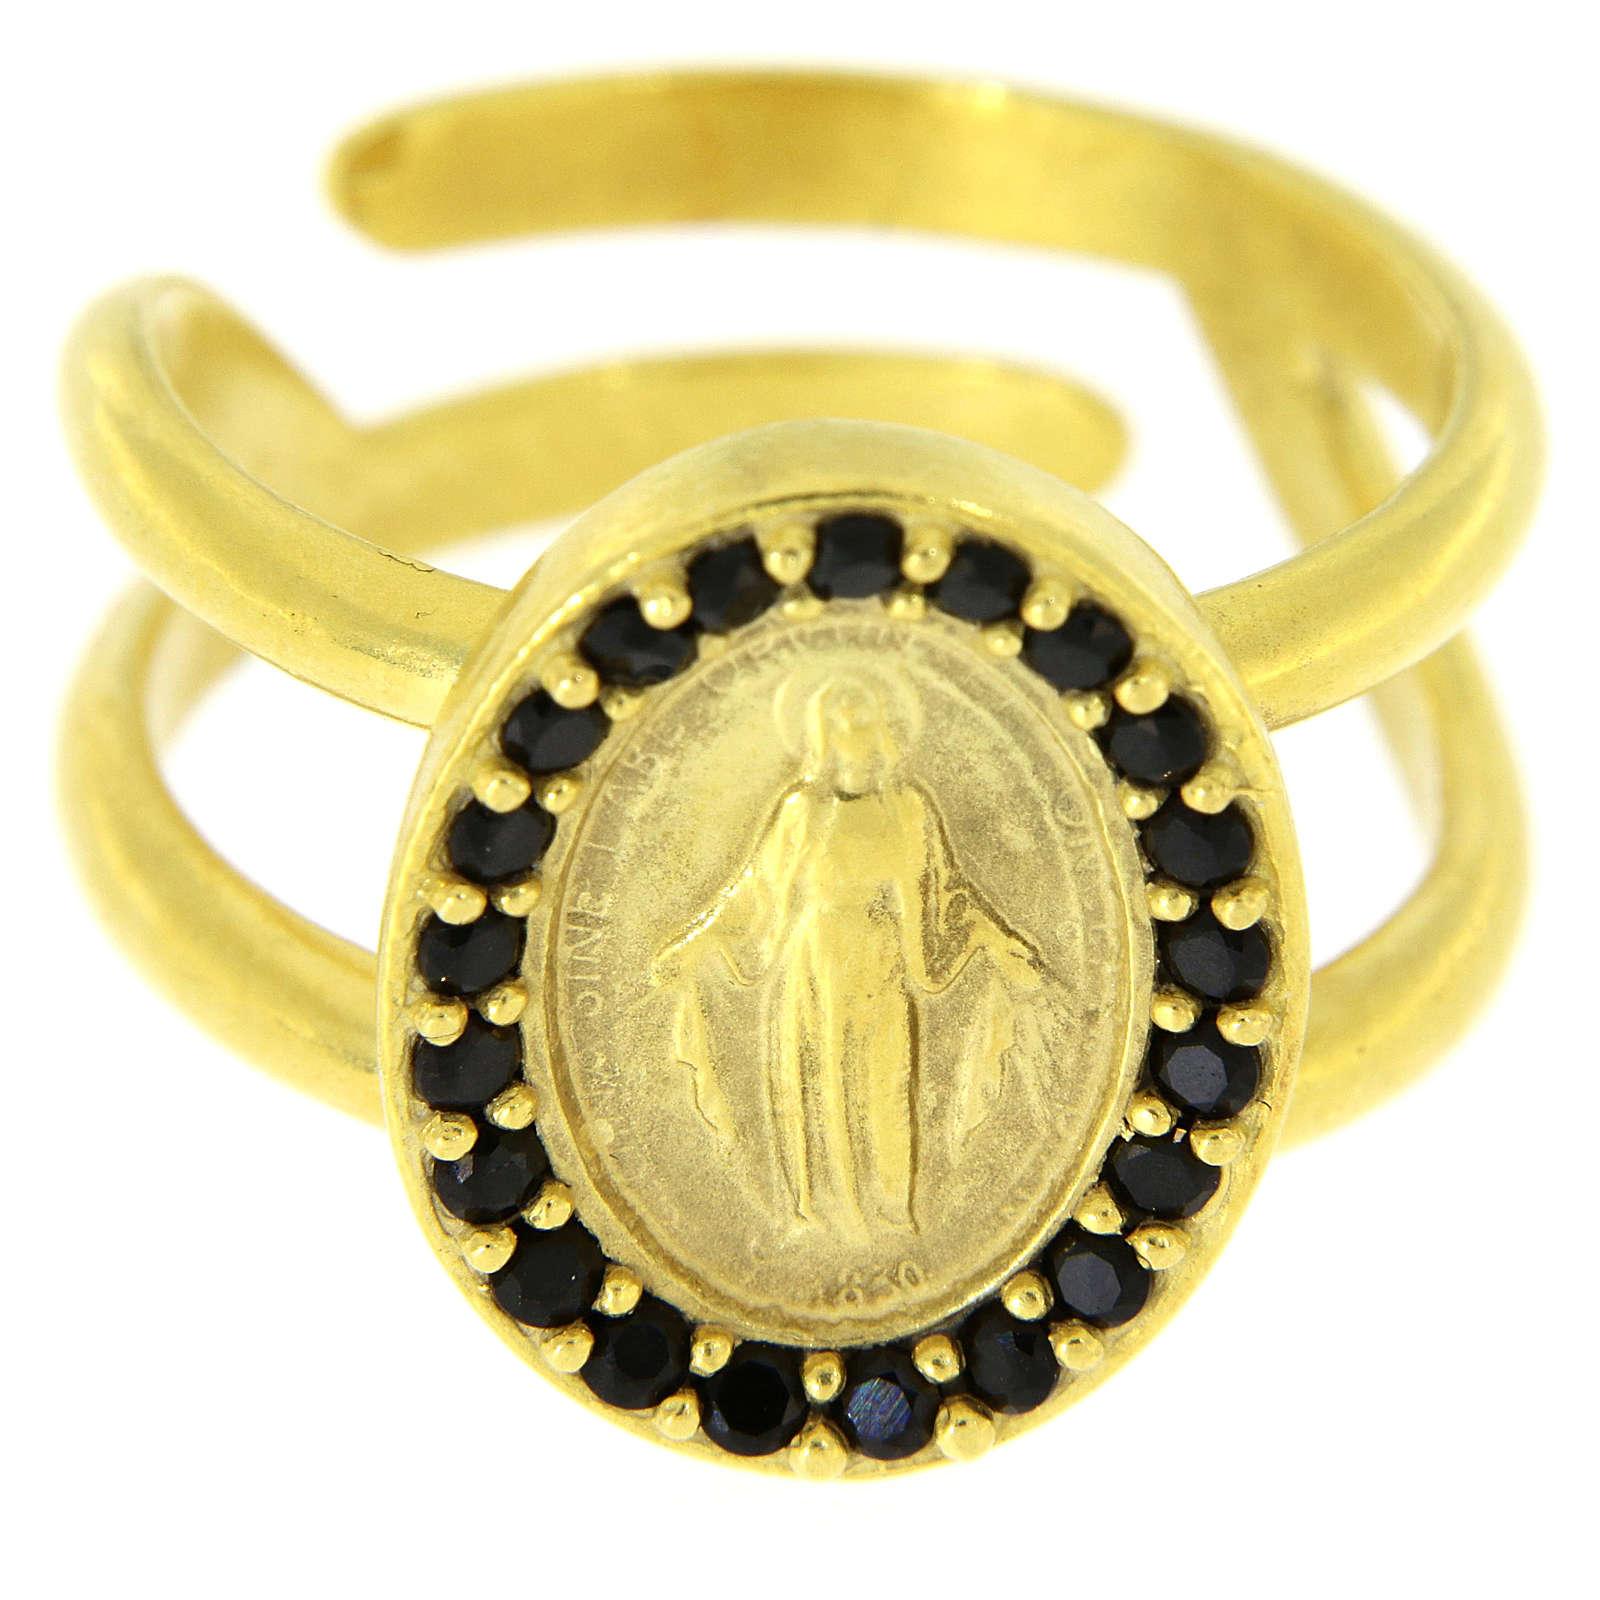 Bague argent 925 doré réglable Médaille Miraculeuse zircons noirs 3